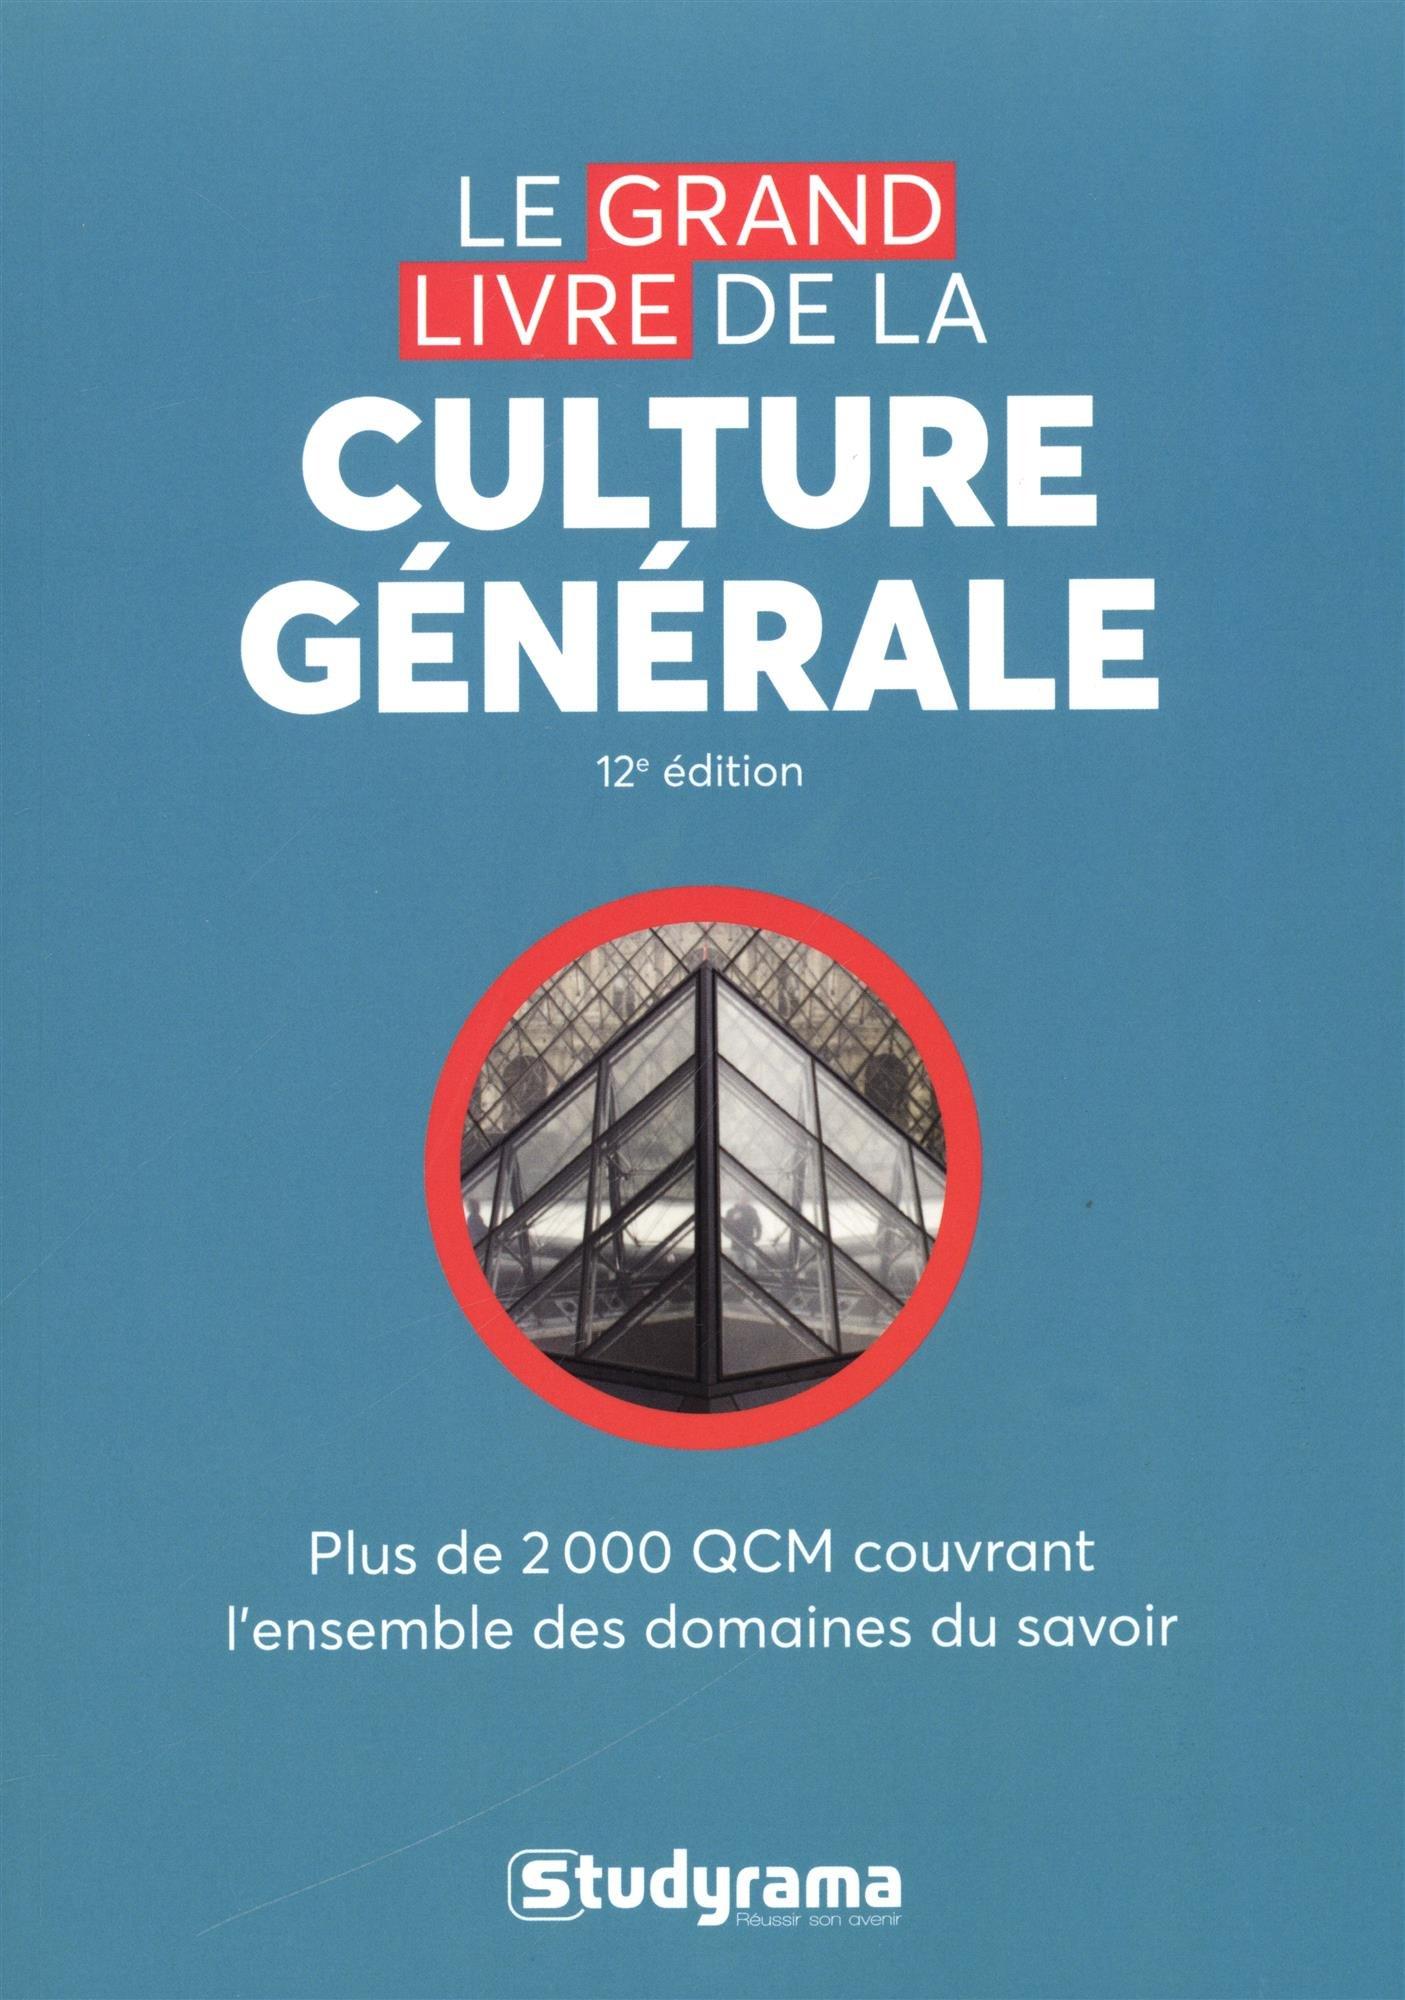 Le grand livre de la culture générale (French) Paperback – April 10, 2018